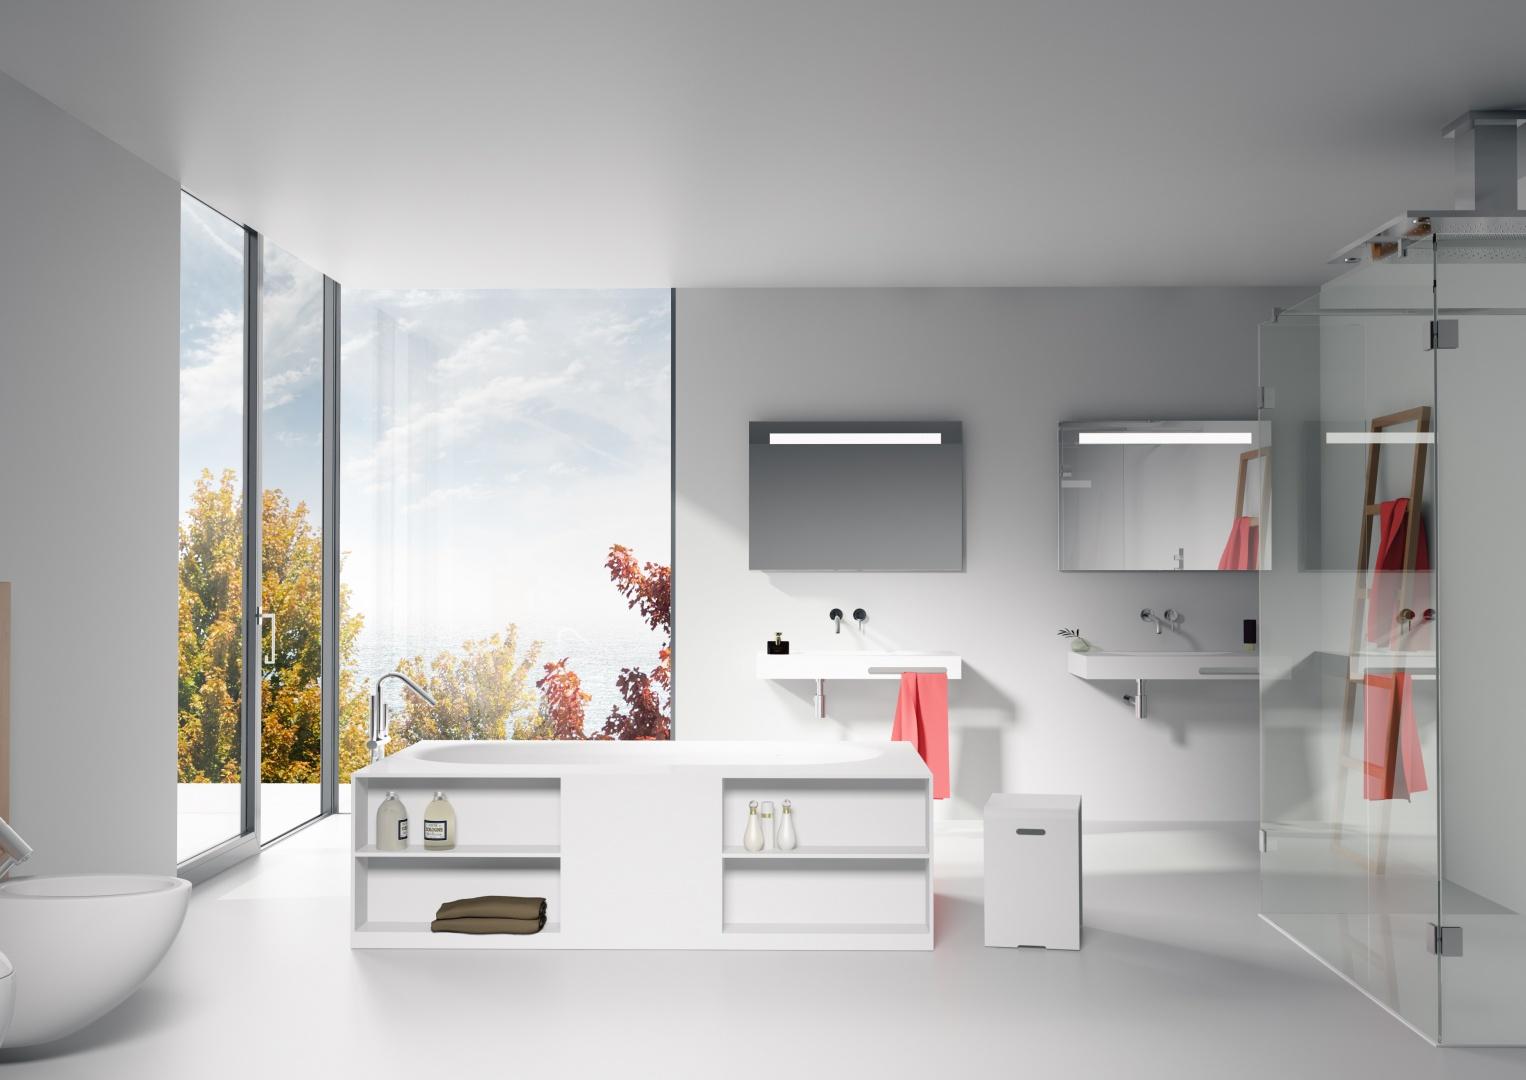 Biała łazienka to bardzo modne rozwiązanie. Na zdjęciu umywalka Lorient marki Riho, z praktycznym rozwiązaniem na ręcznik, z serii Solid Surface. Fot. Riho